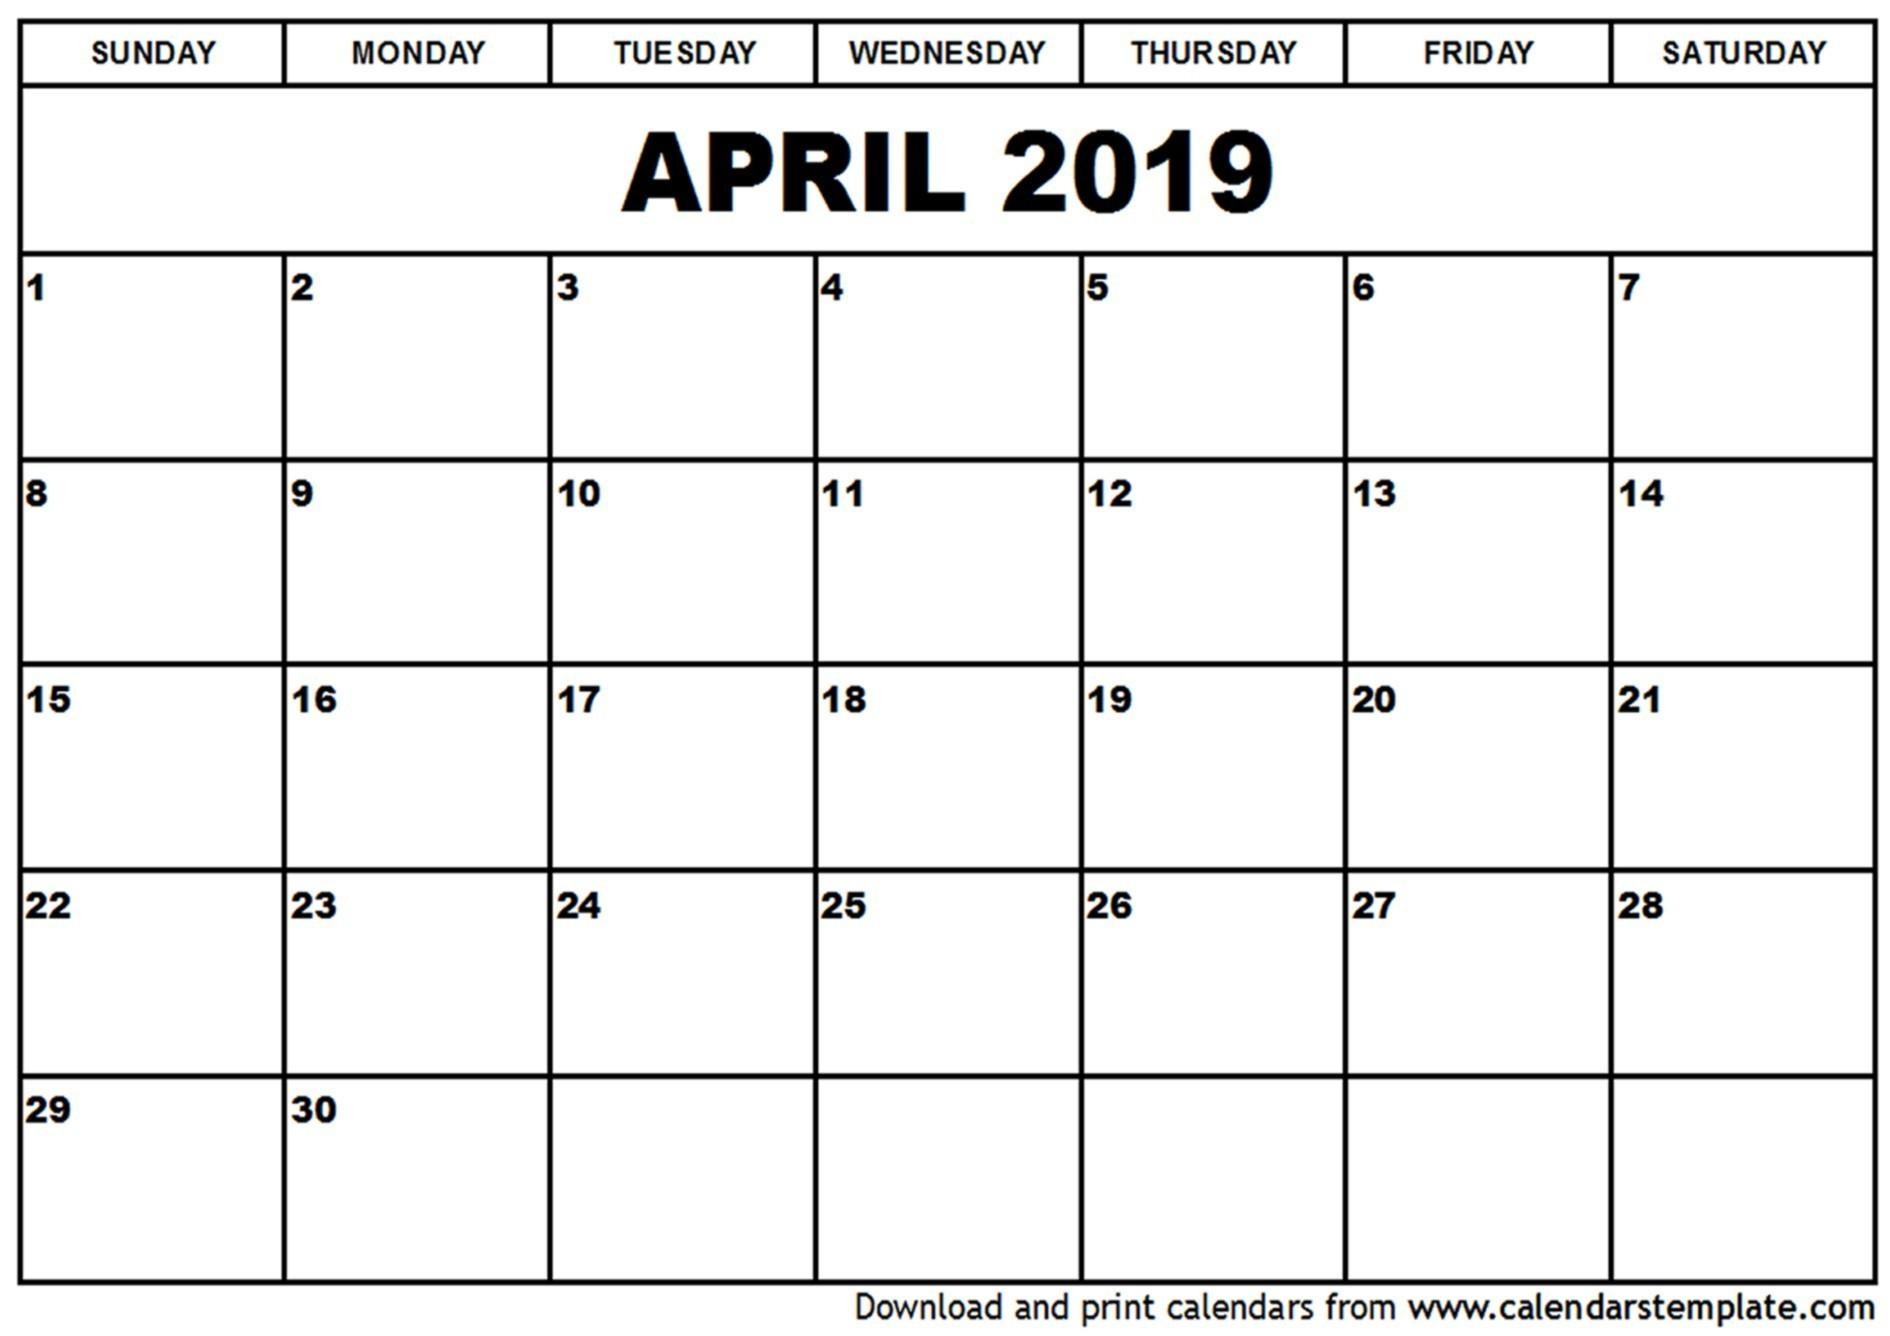 April 2019 Calendar Singapore